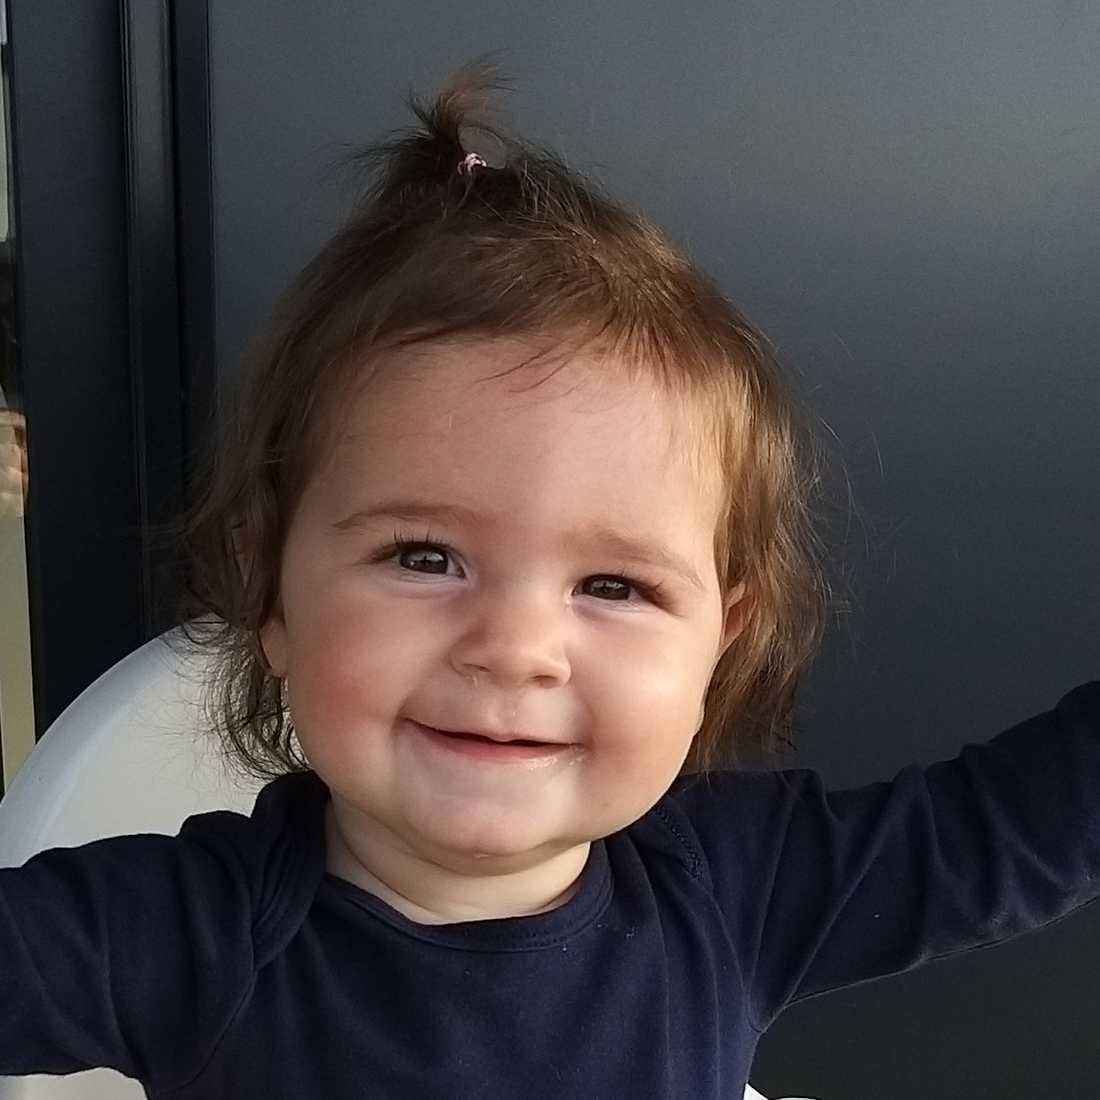 """Här syns Sara åtta månader: """"Hon föddes med mycket hår. På sjukhuset hade de aldrig sett något liknande innan. Hon är världens lugnaste flicka med ett stort leende"""", hälsar pappan Daniel Sjöstrand som bor i Göteborg och Barcelona."""